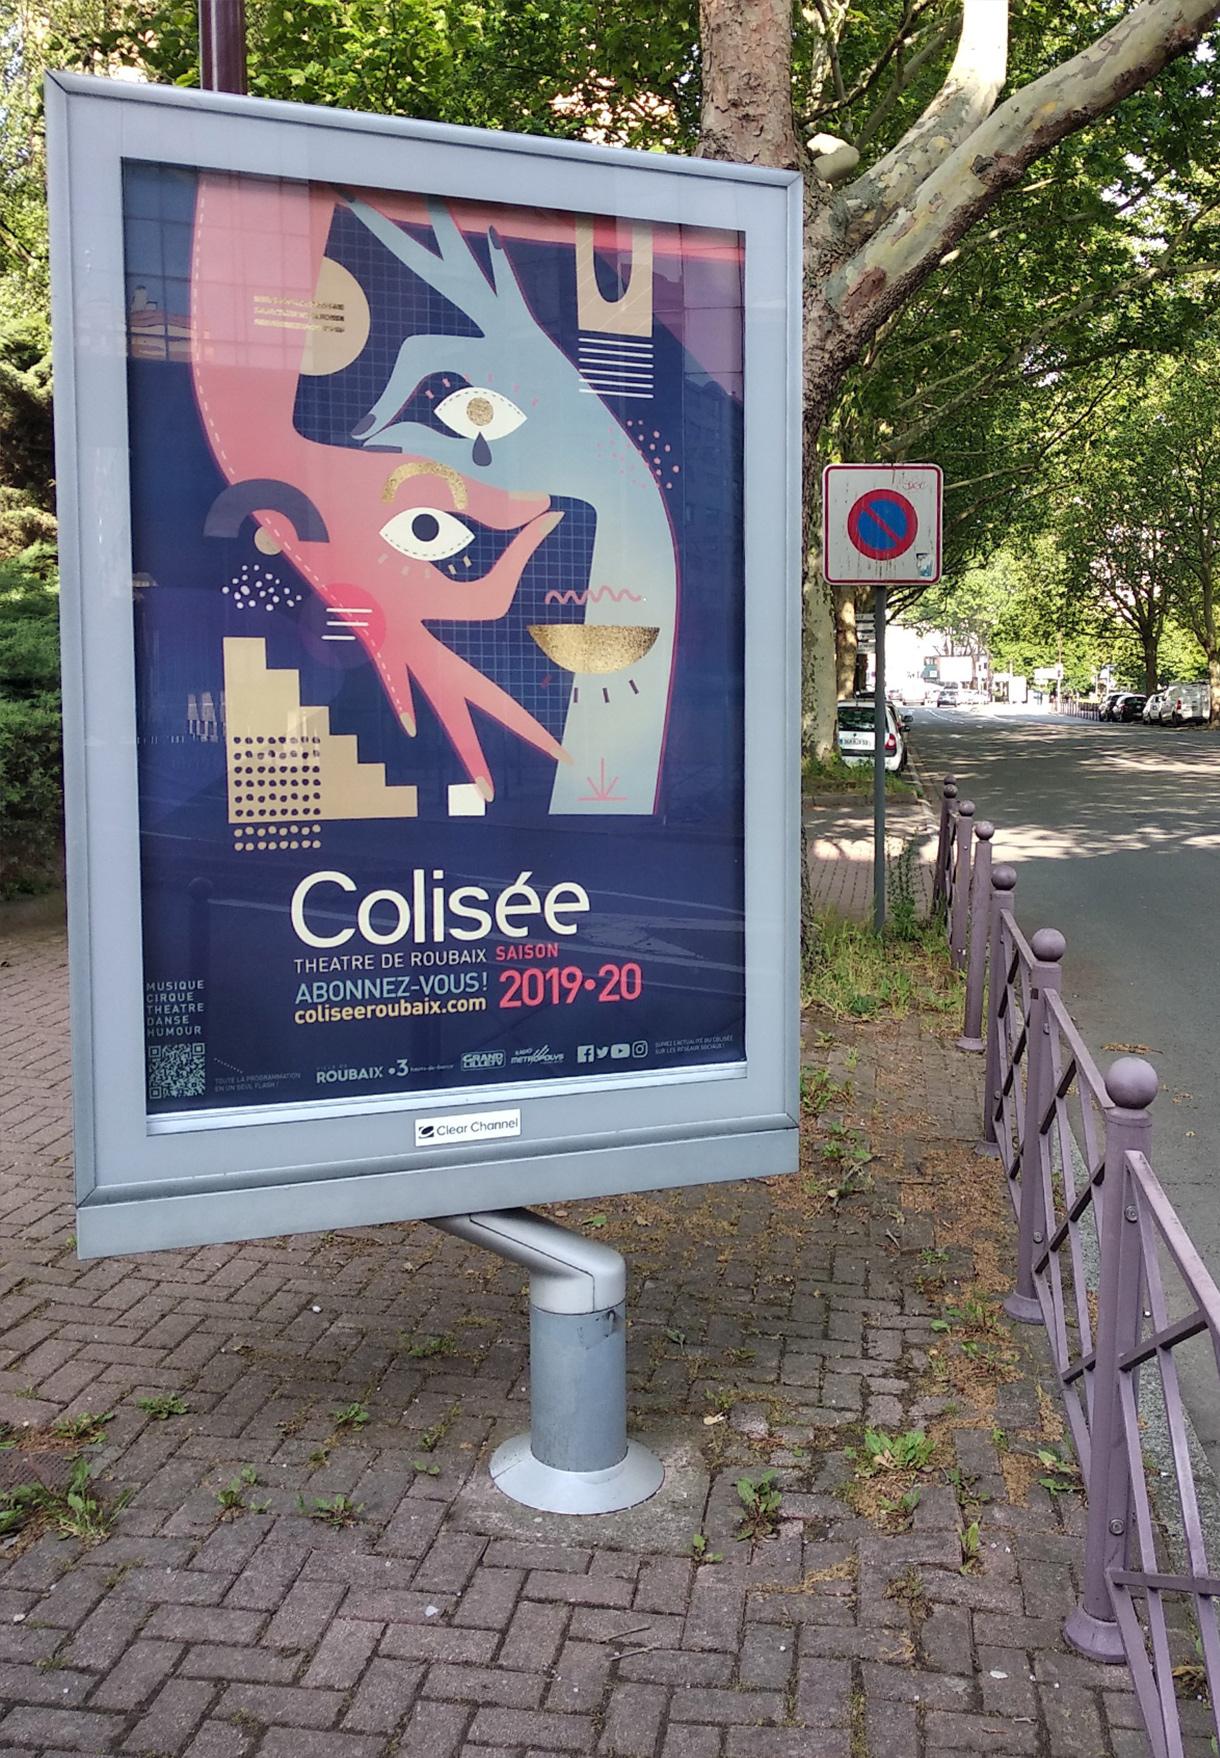 Colisée Roubaix - Flouk - Floriane Dupont - studio design & créations graphiques - Lille - Roubaix